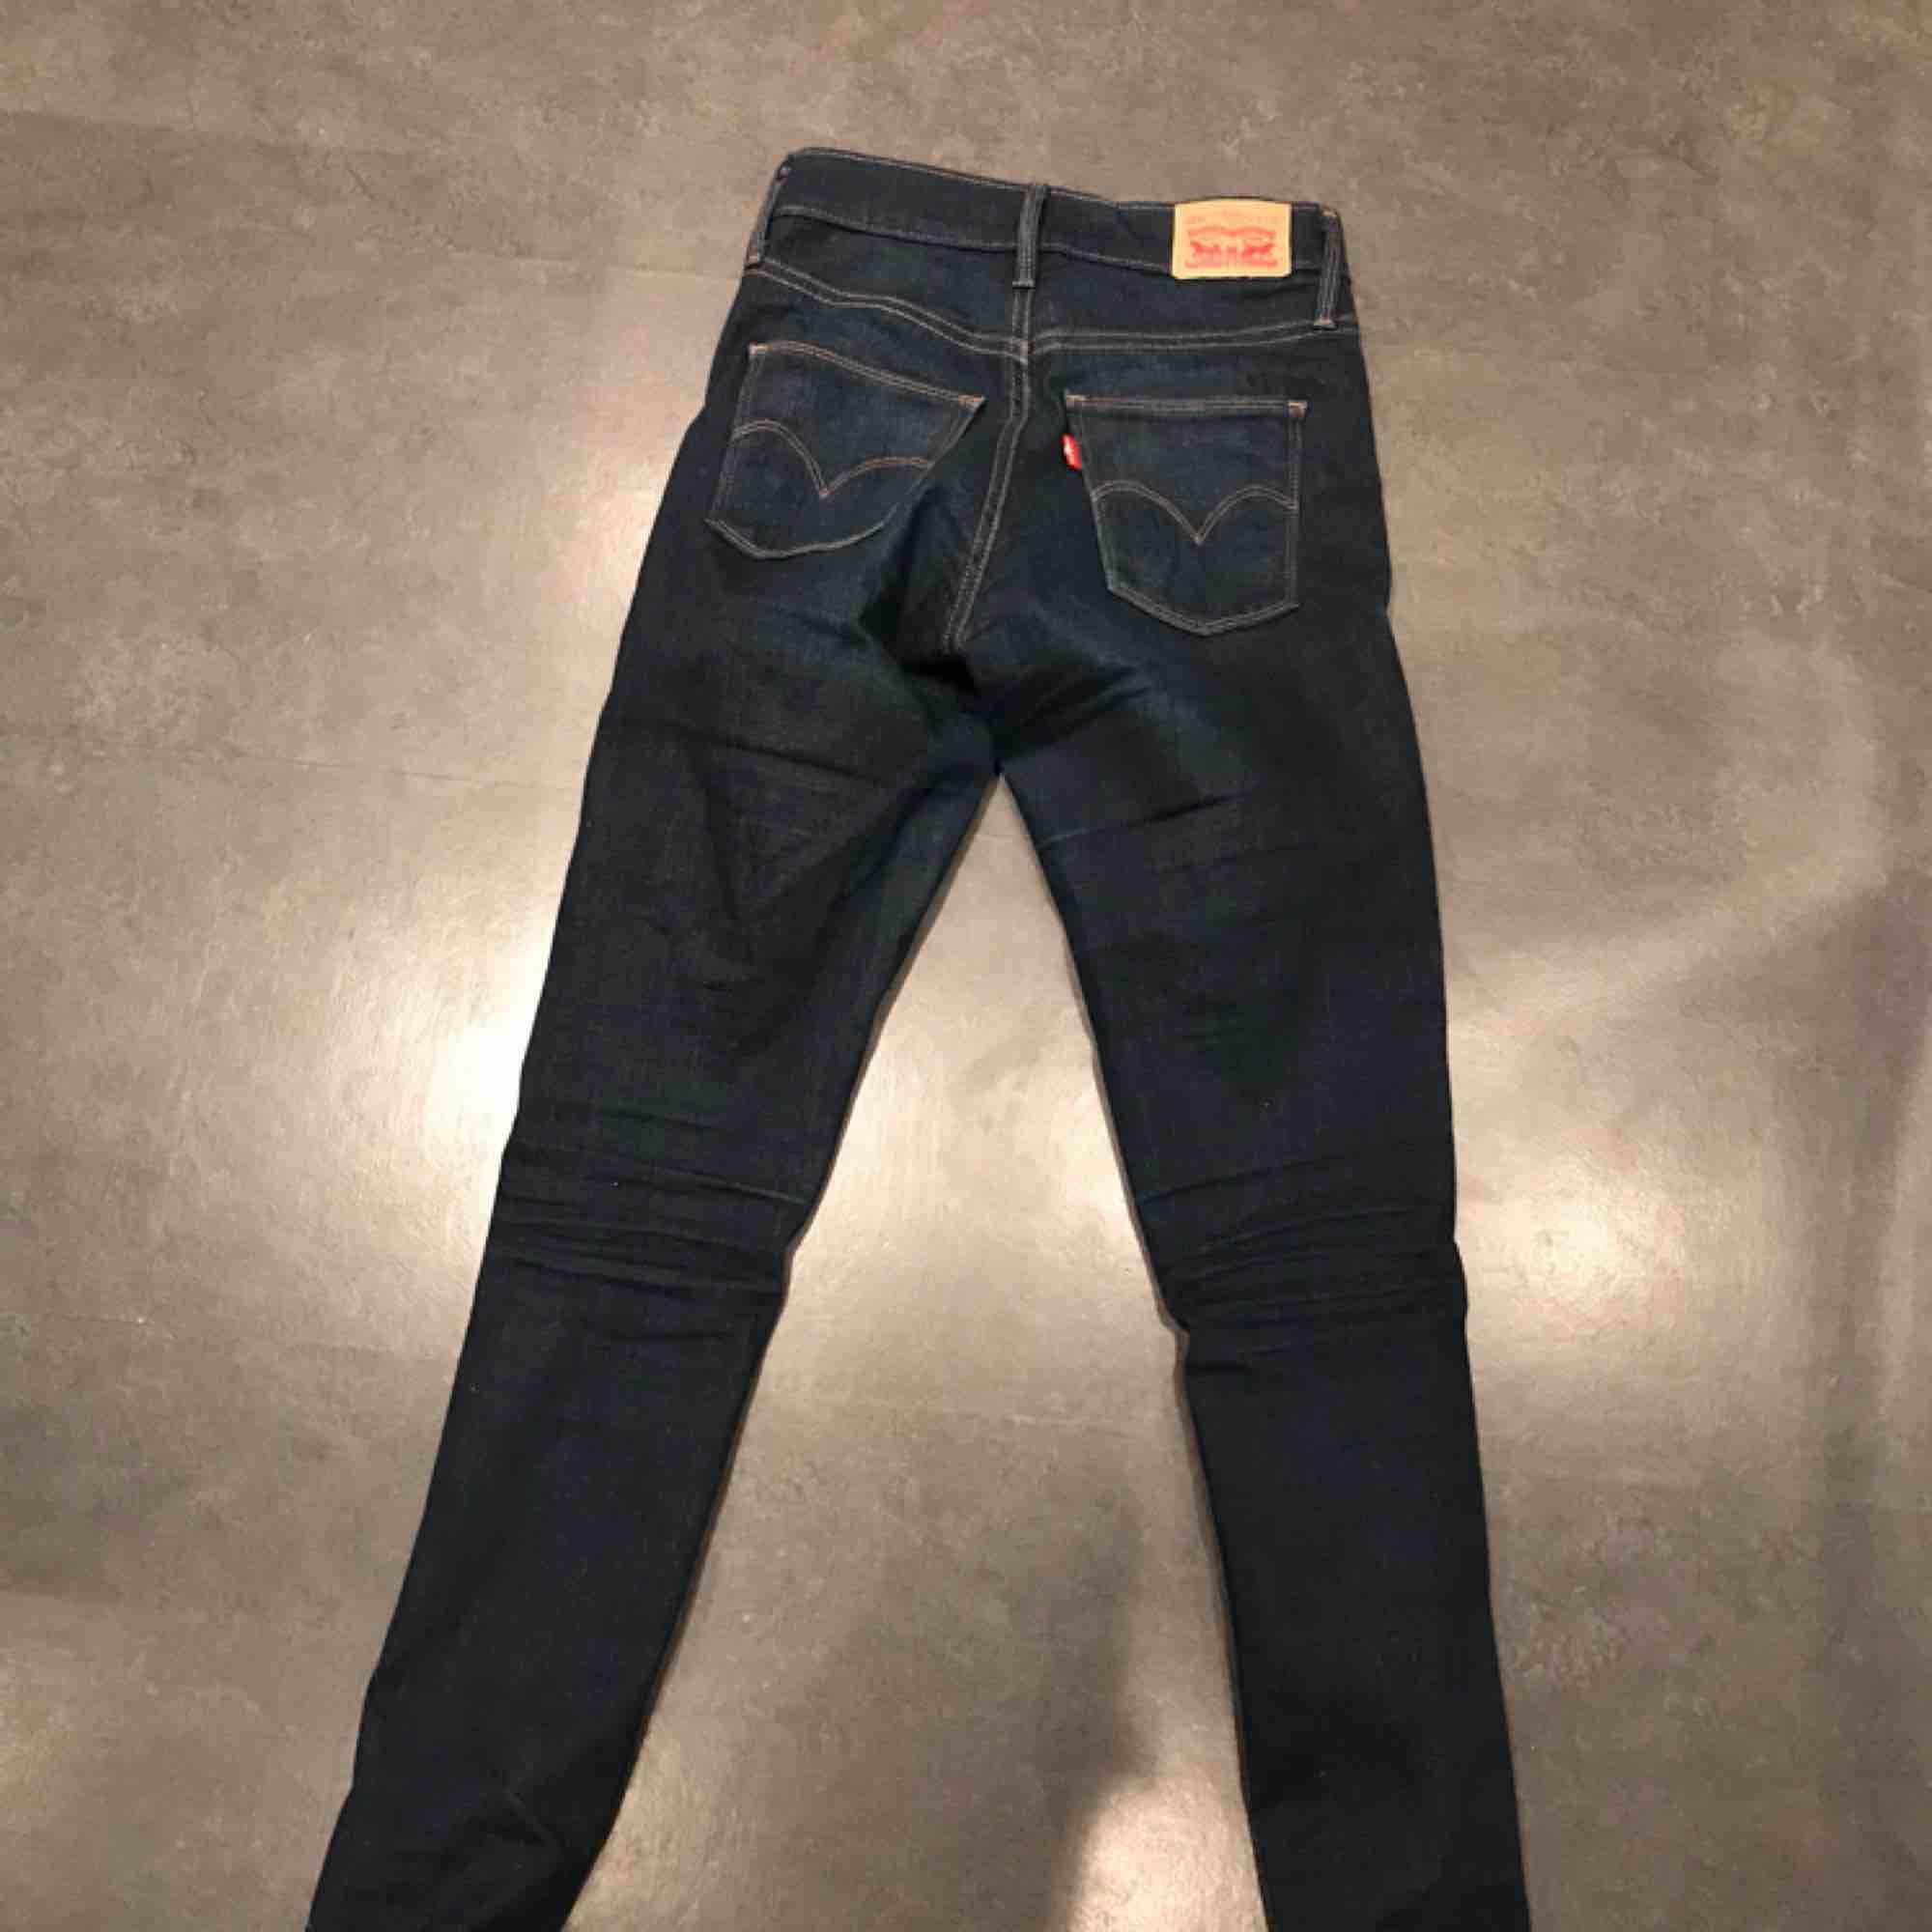 Levis jeans andvända ca 2 gånger i väldigt bra kvalitet. Modell slimming skinny och väldigt tajt passform. Jeans & Byxor.